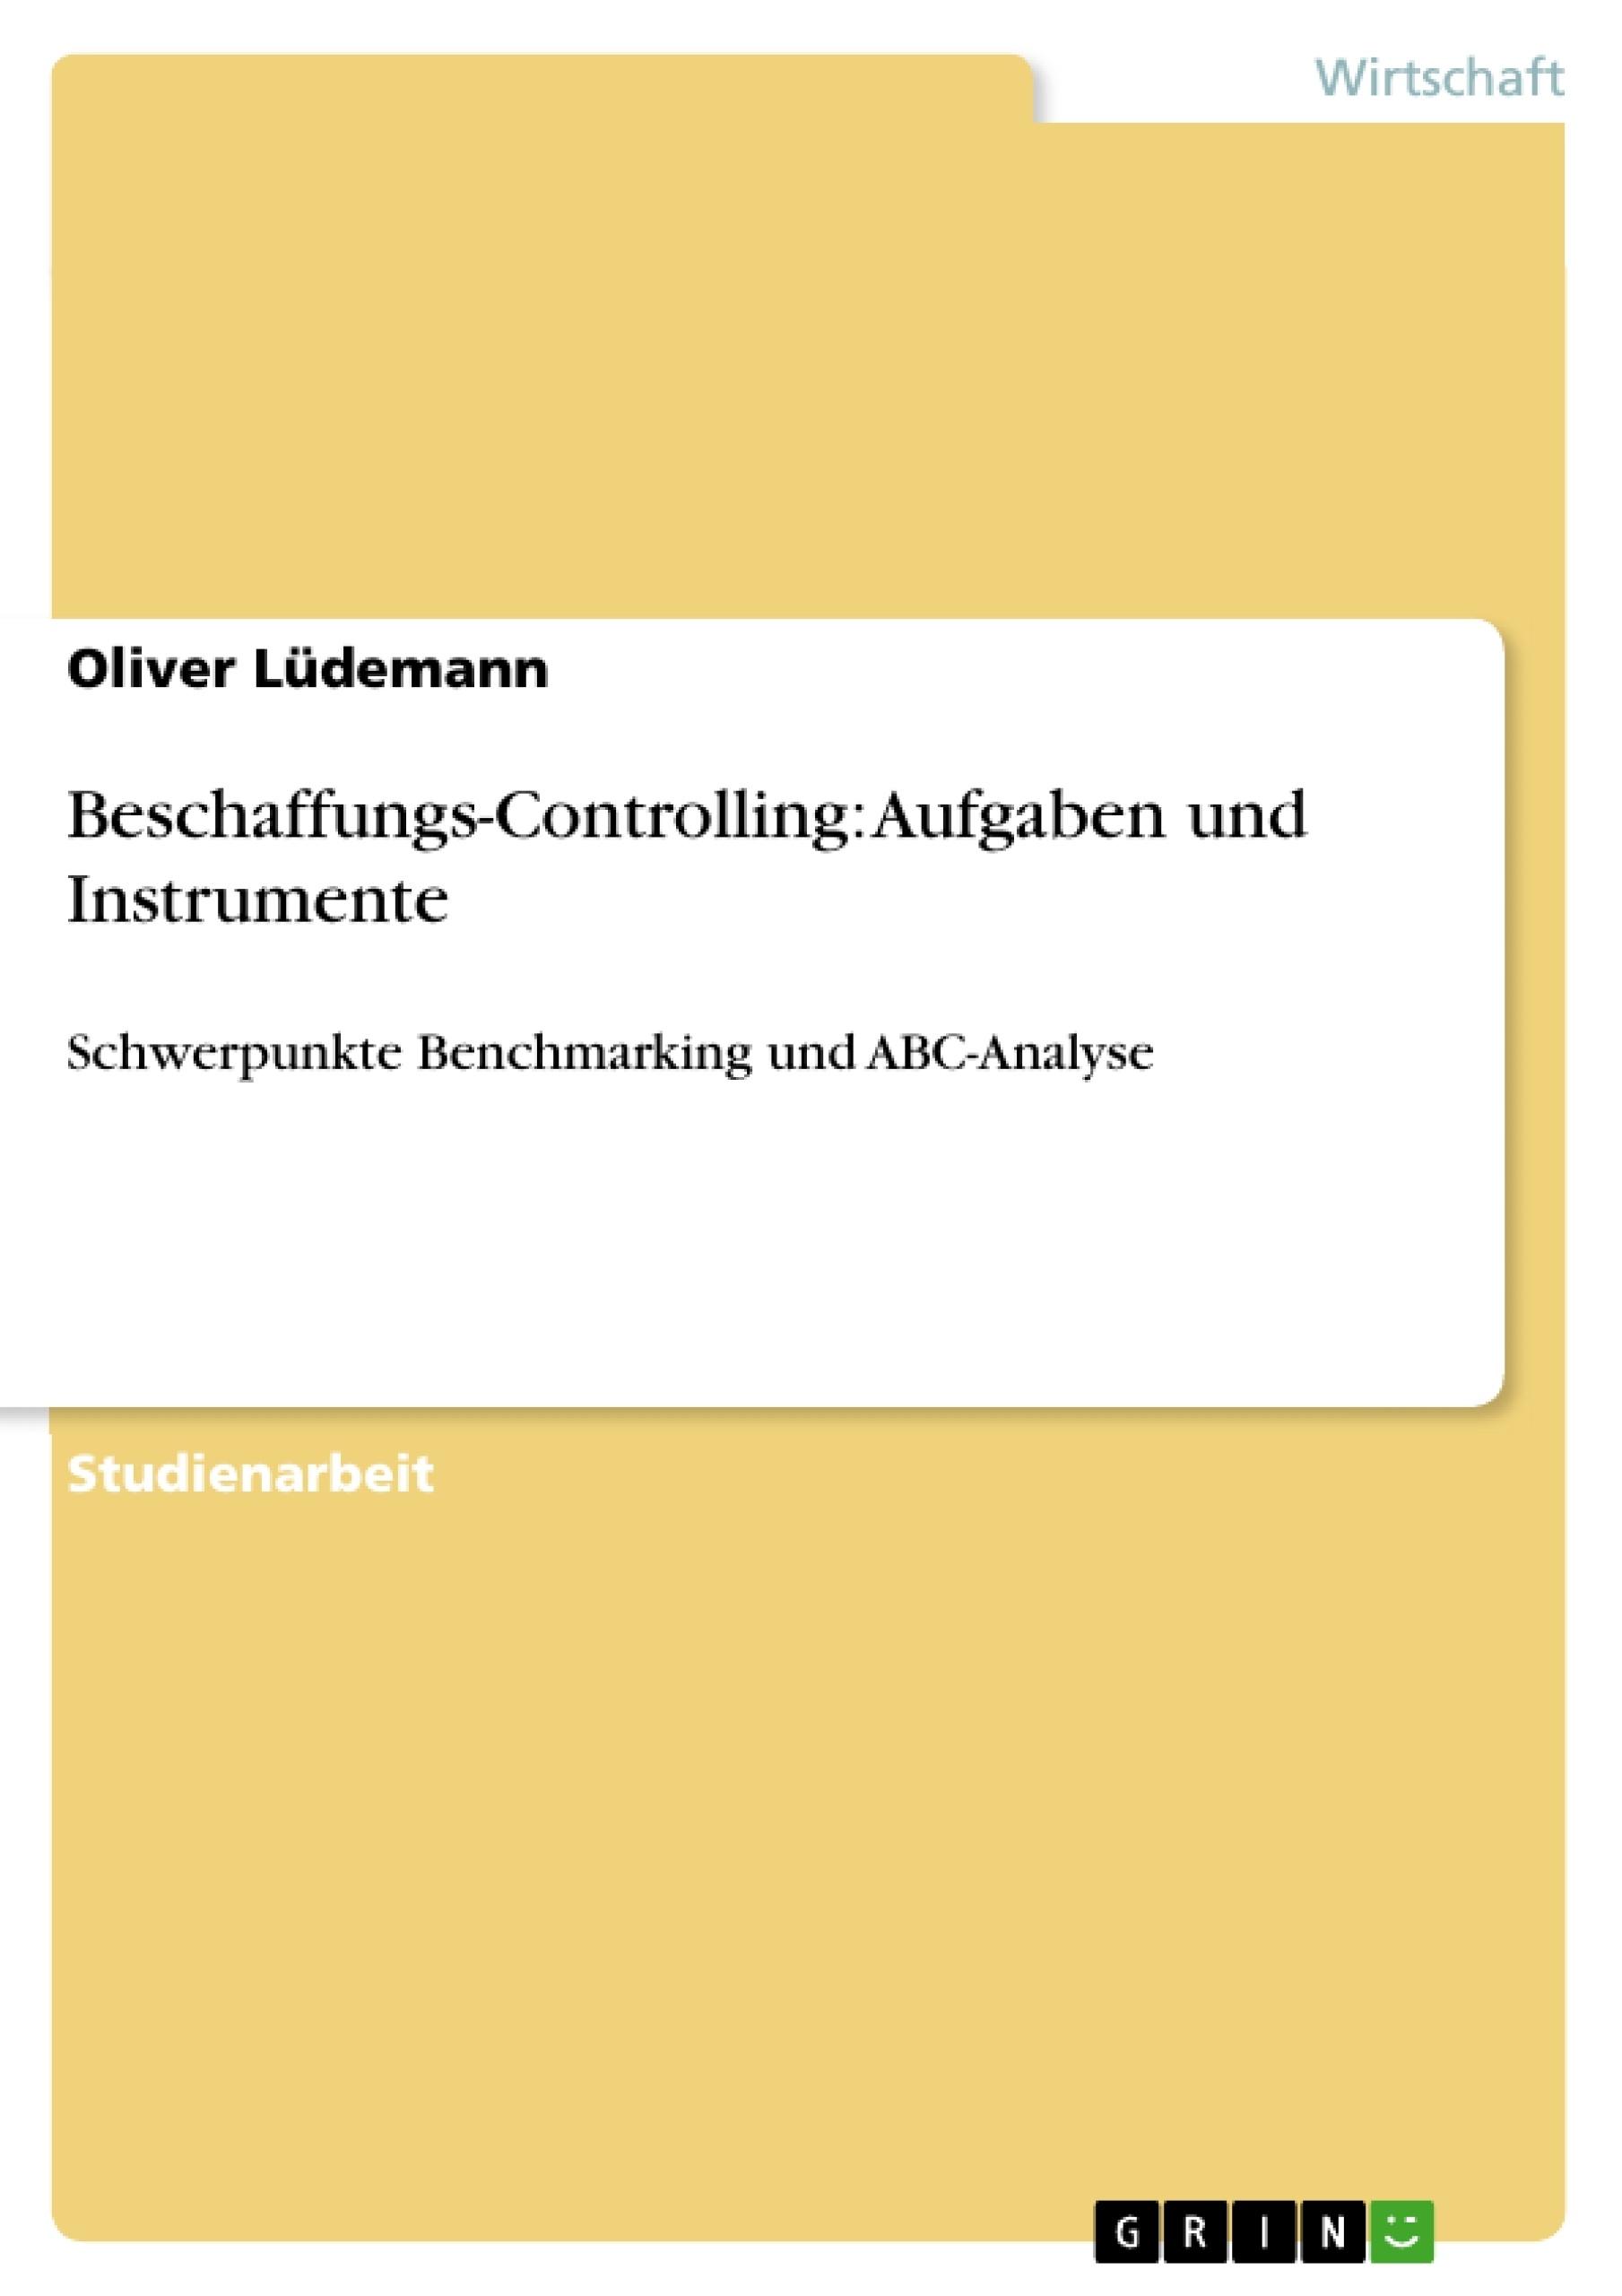 Titel: Beschaffungs-Controlling: Aufgaben und Instrumente